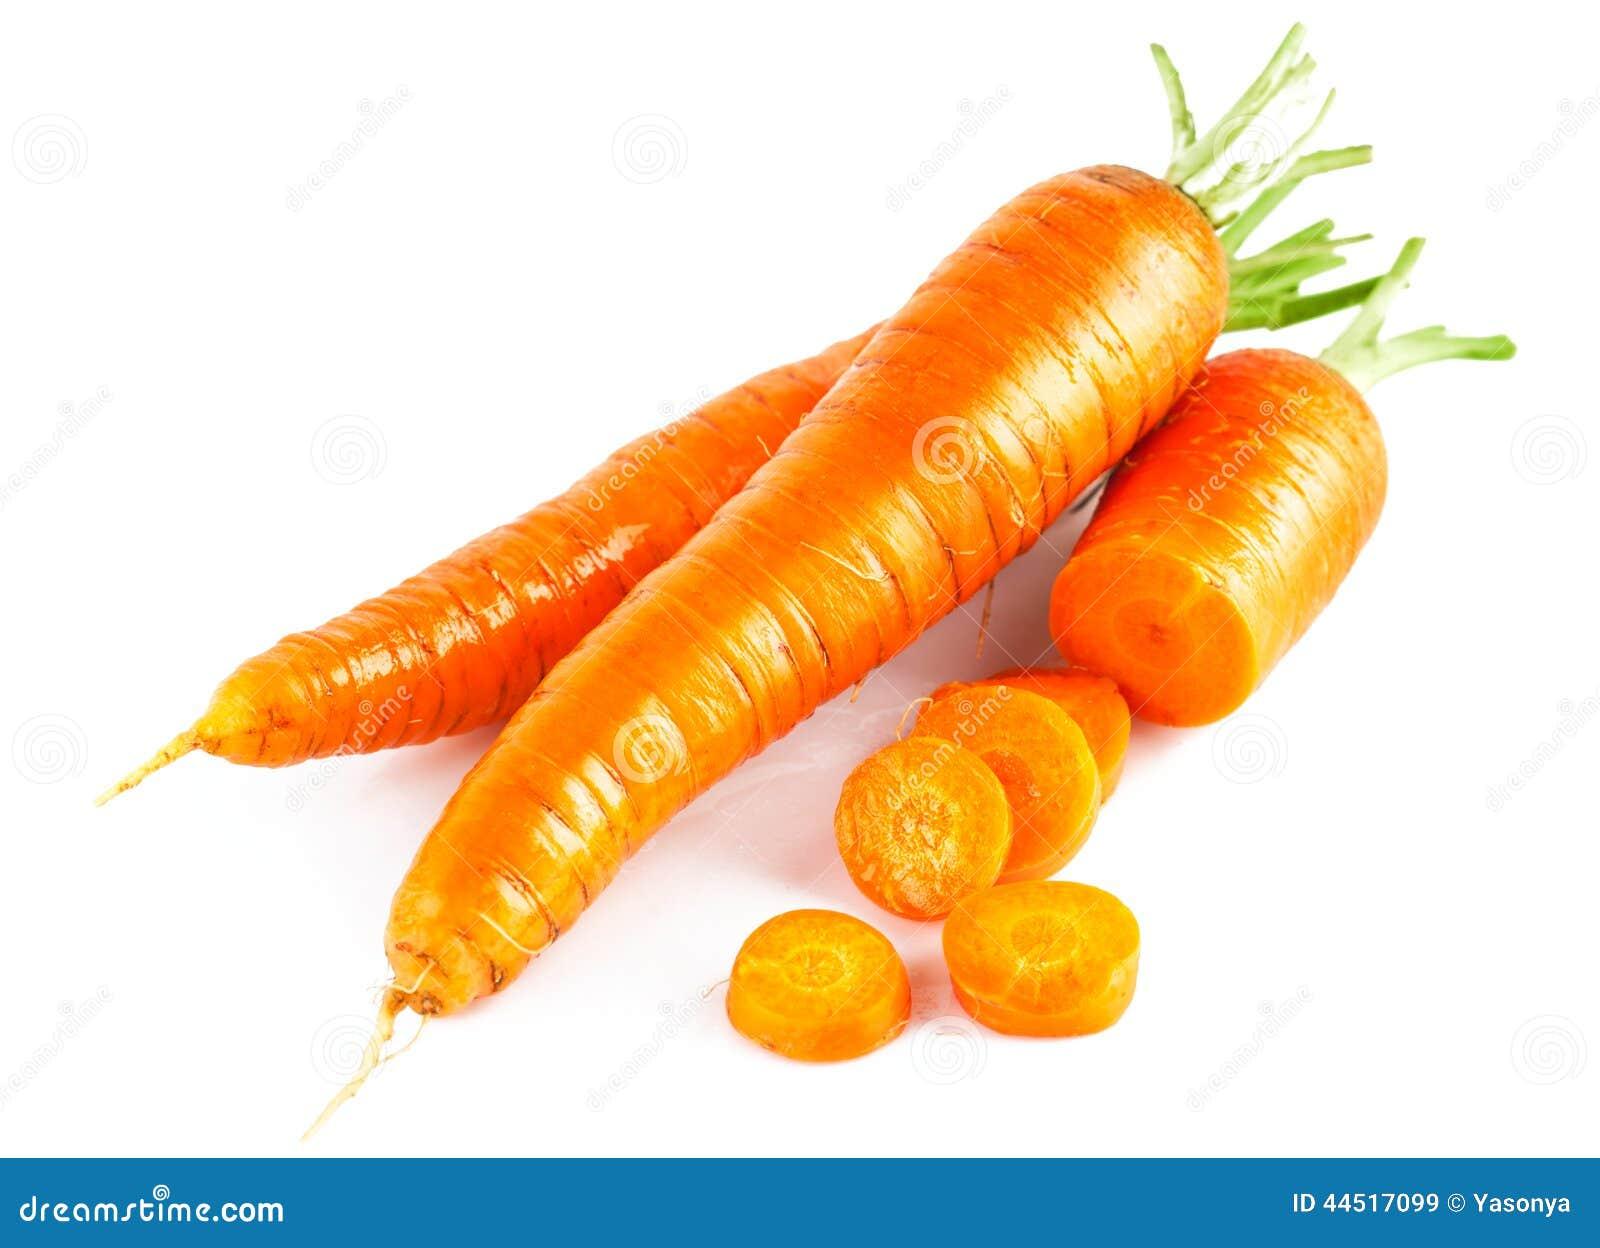 Frische Karotte im Abschnitt